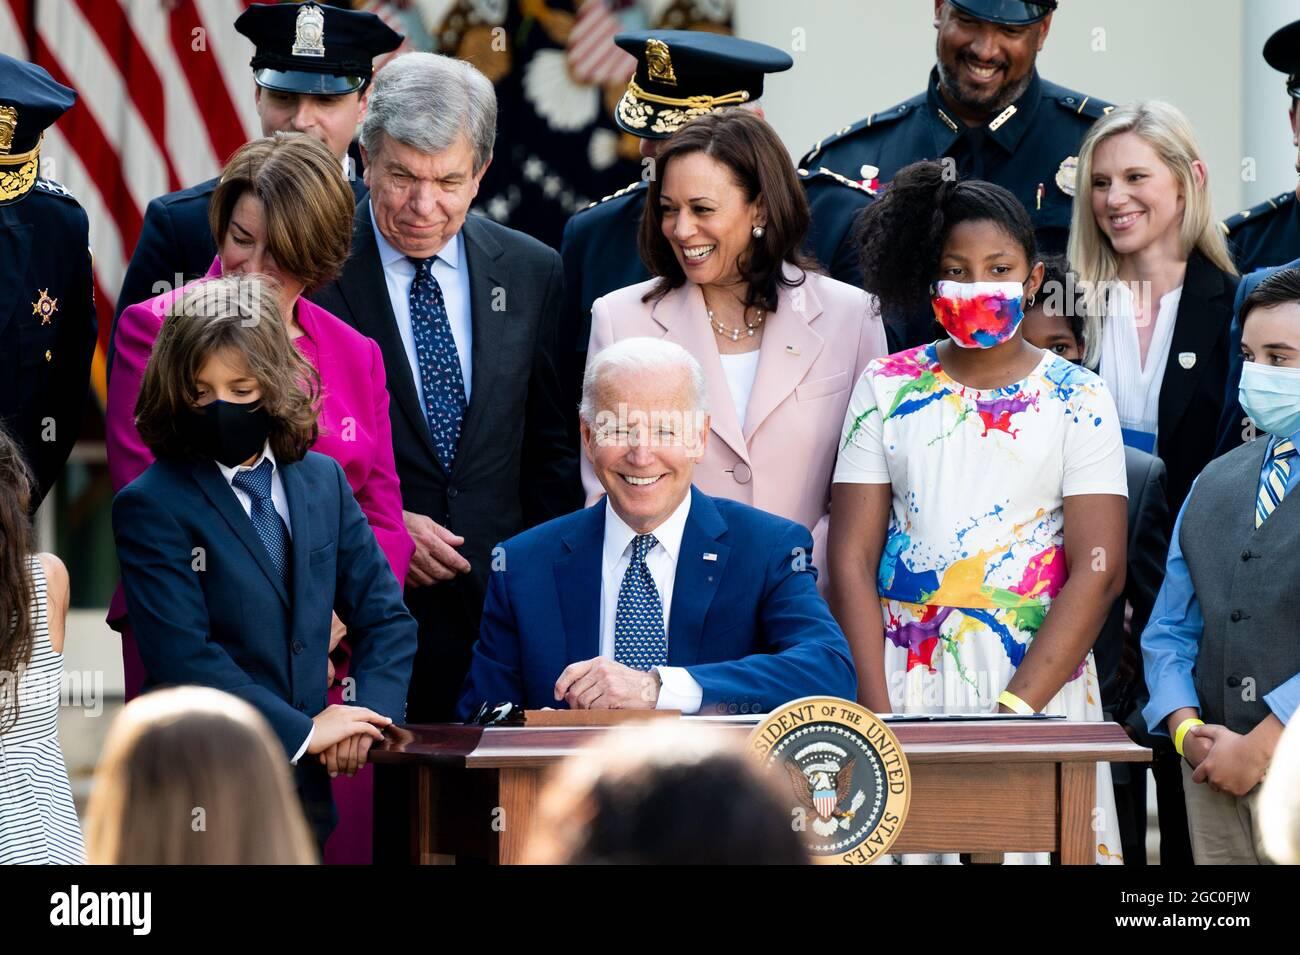 Washington, Usa. August 2021. Präsident Joe Biden unterzeichnet die H.R. 3325, die der US-amerikanischen Capitol Police und der DC Metropolitan Police für ihre Arbeit am 6. Januar Goldmedaillen im Kongress verleiht. Kredit: SOPA Images Limited/Alamy Live Nachrichten Stockfoto